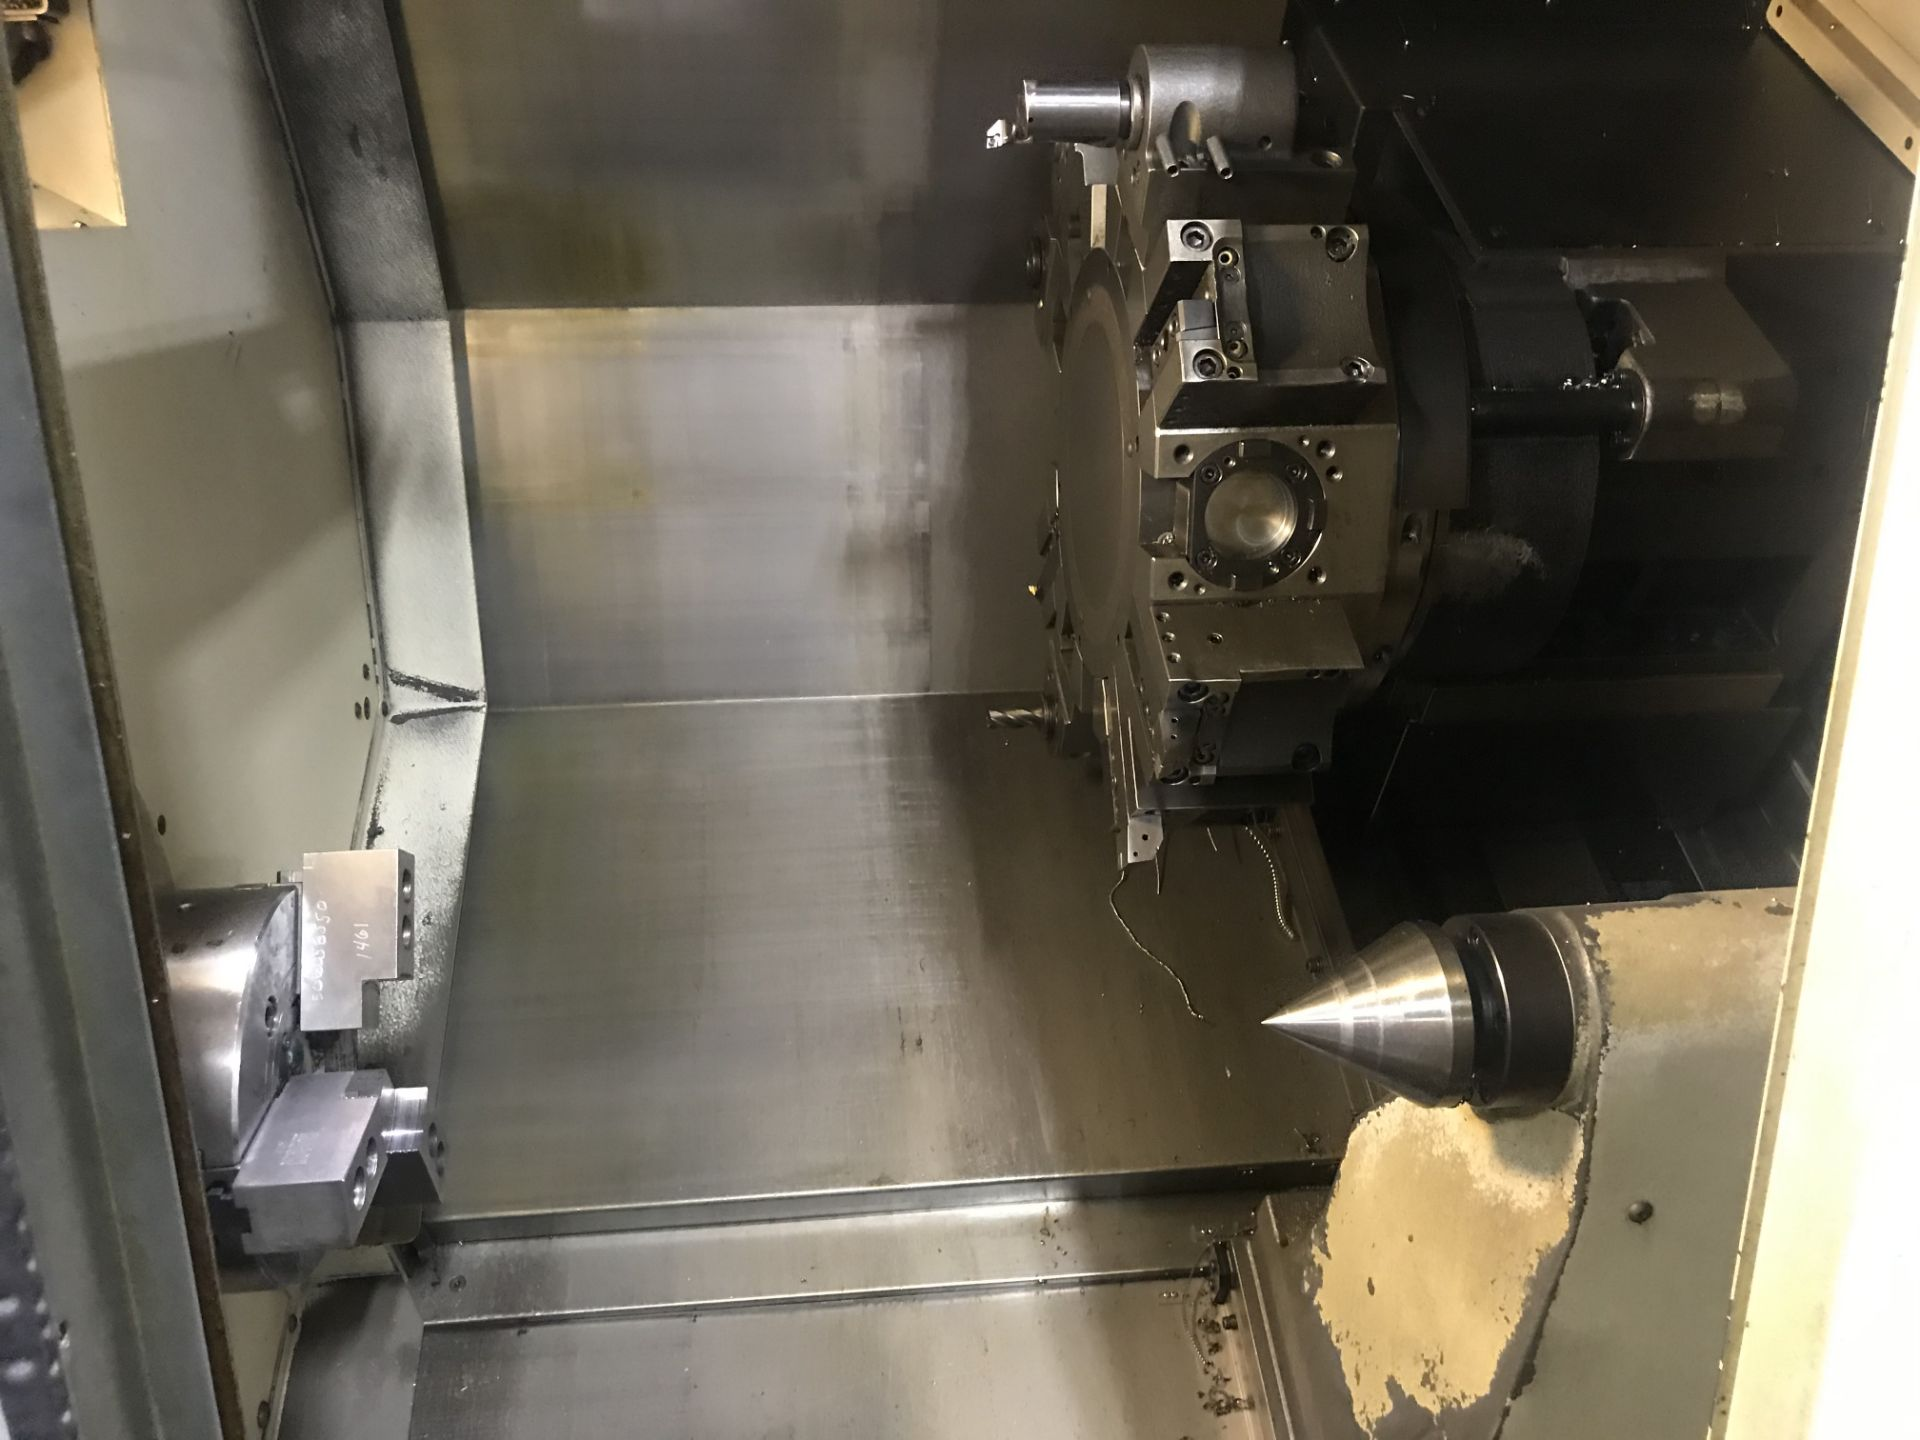 2008 Mori Seiki NL2000/500 CNC Turning Center - Image 2 of 8